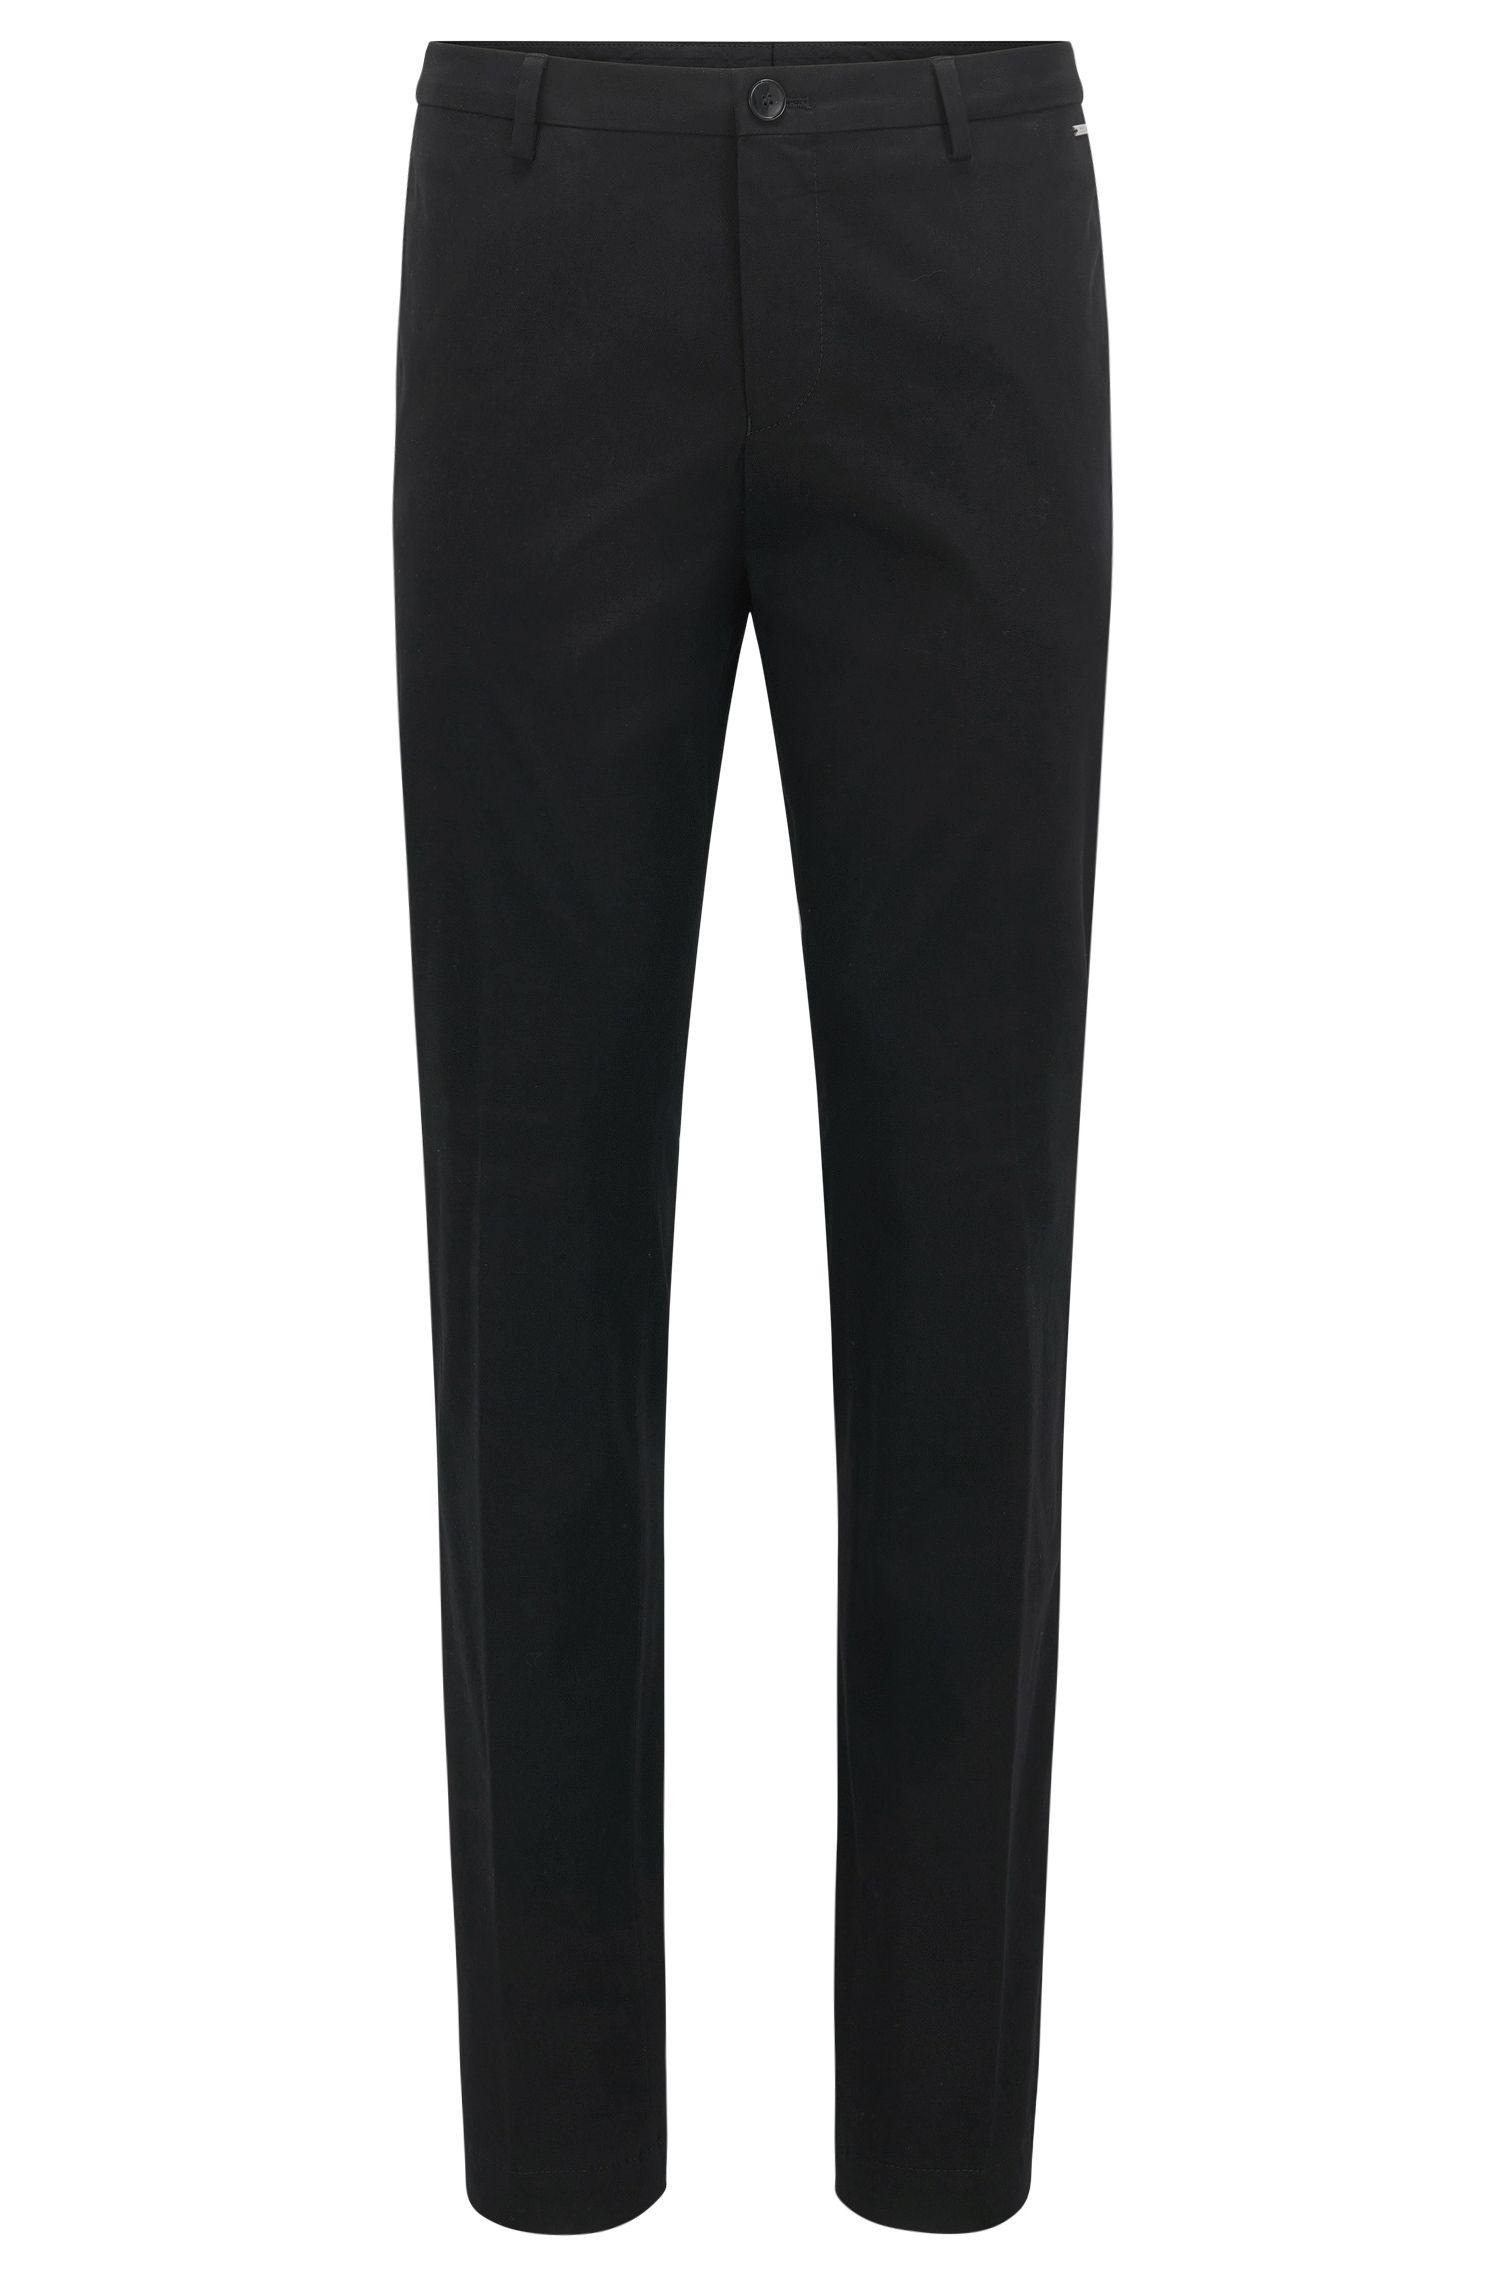 Pantaloni slim fit in cotone elasticizzato